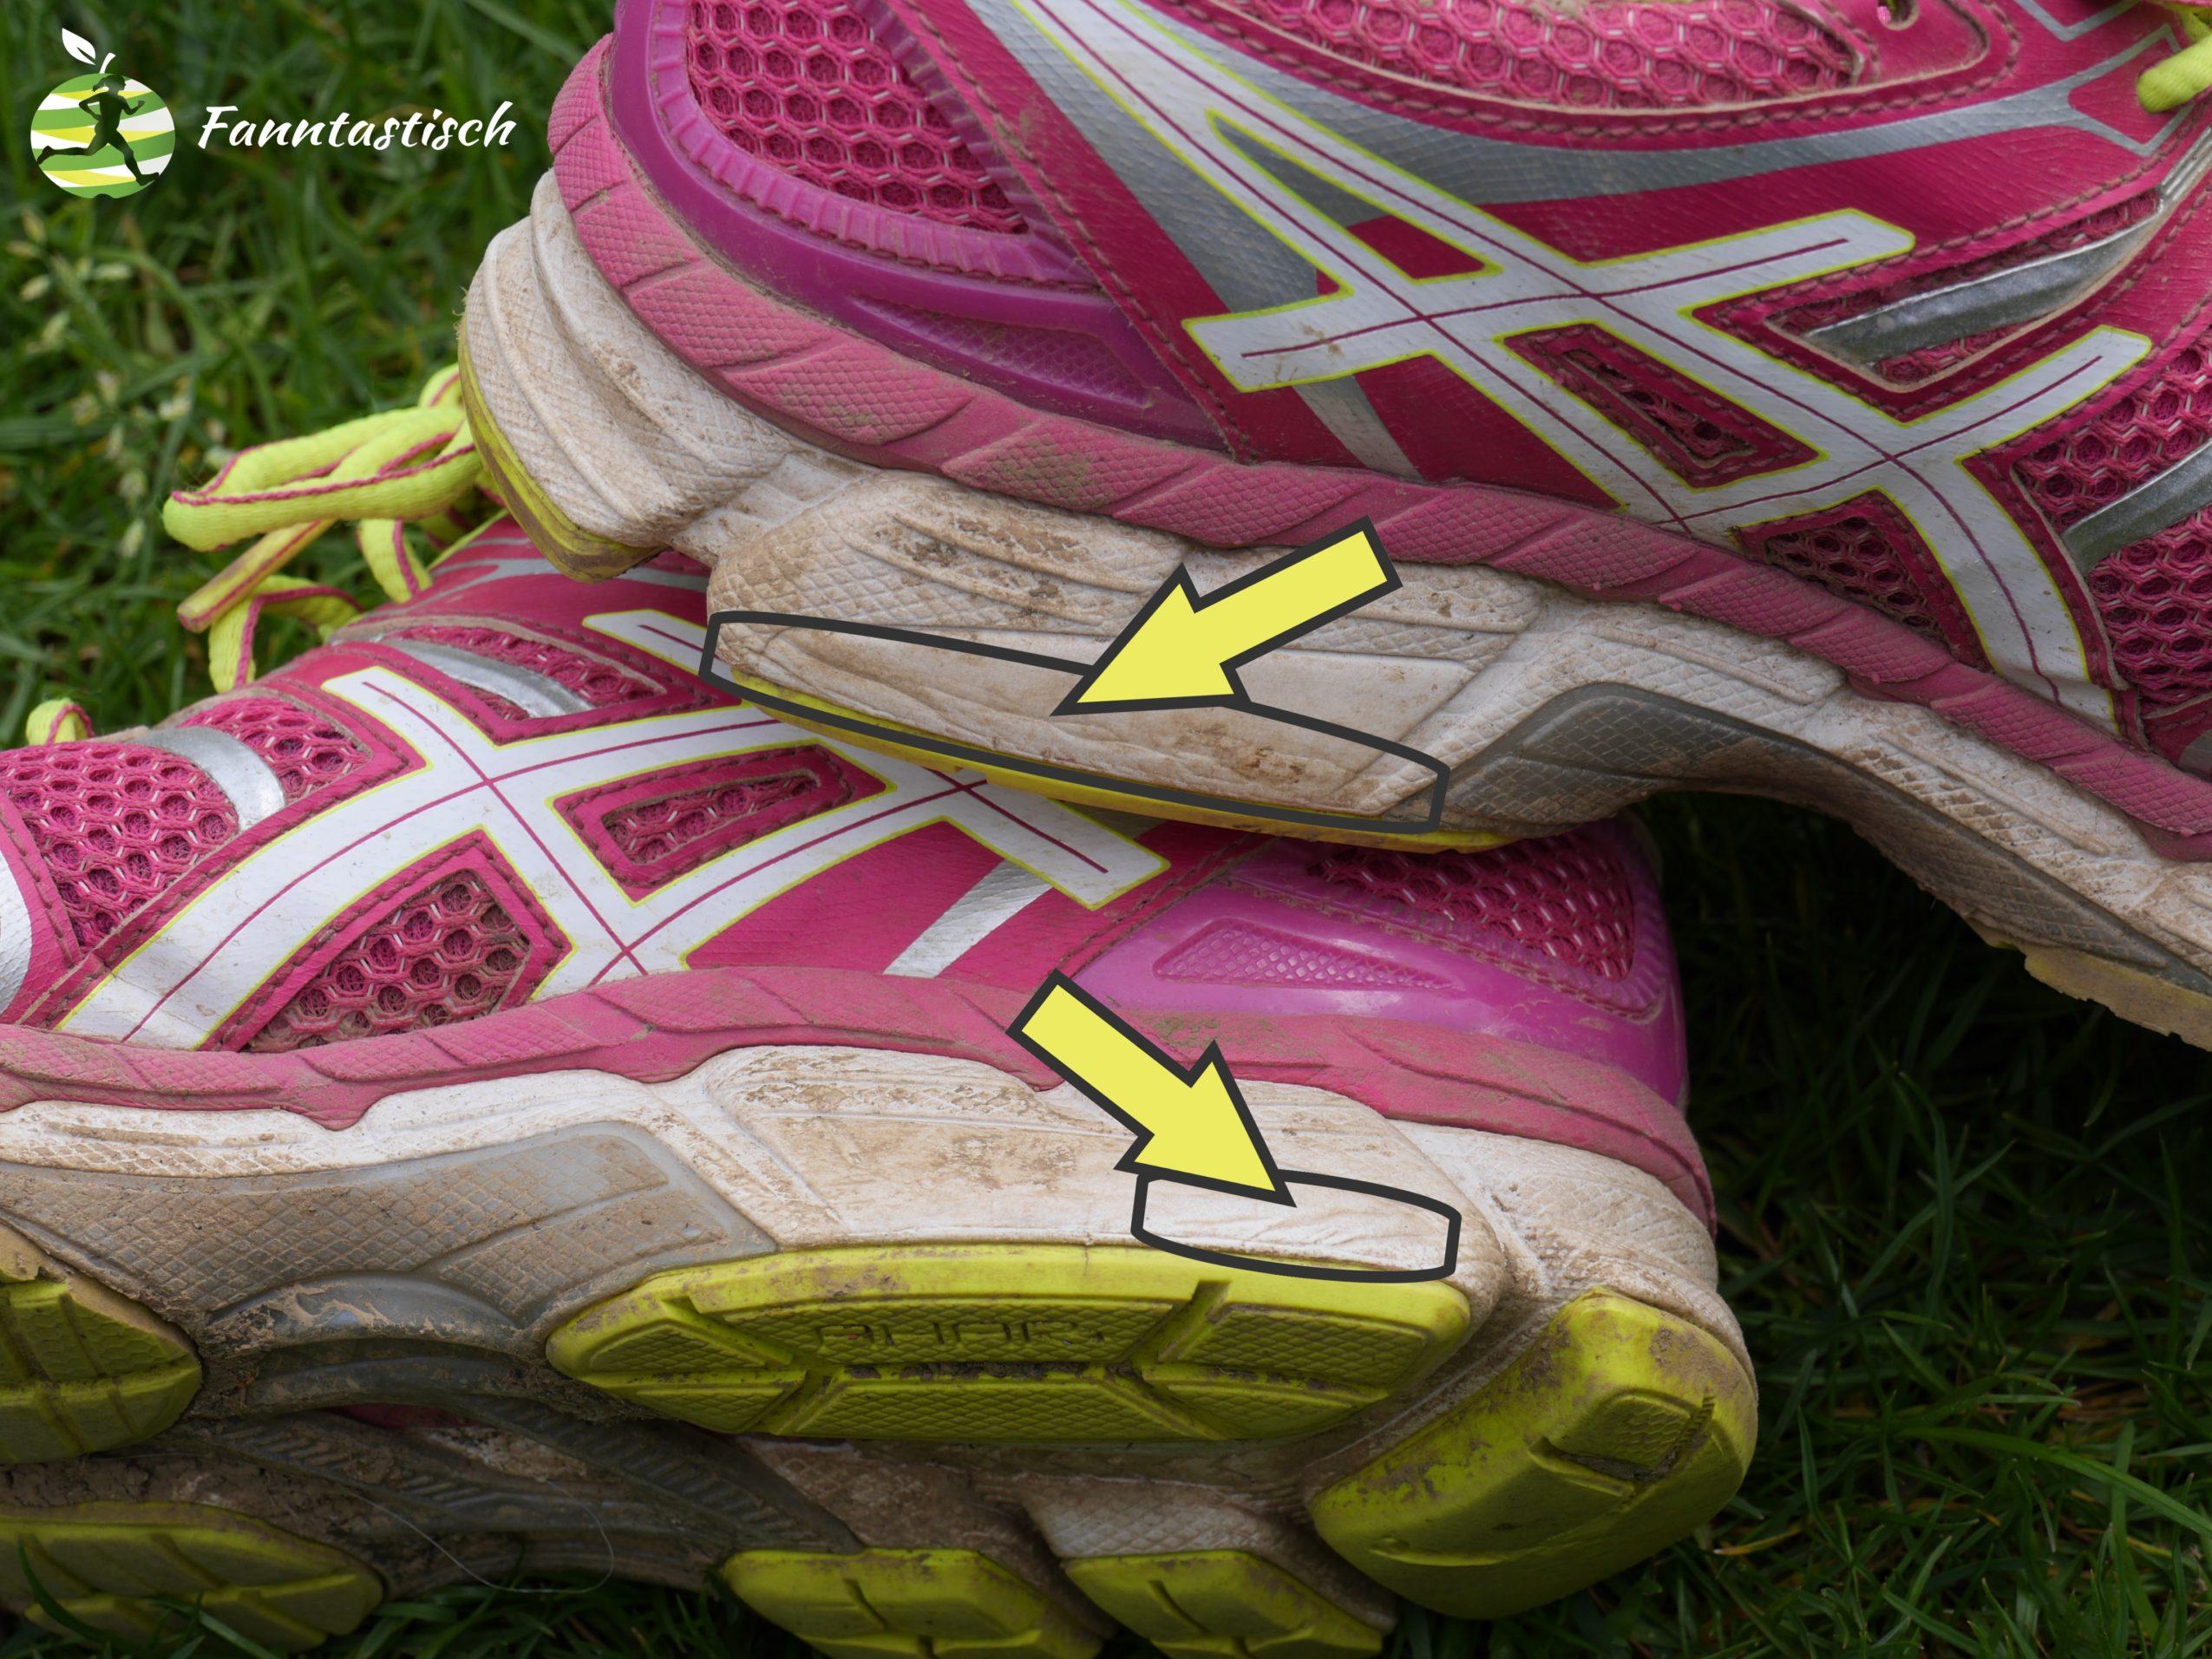 Laufschuh mit defekter Dämpfung